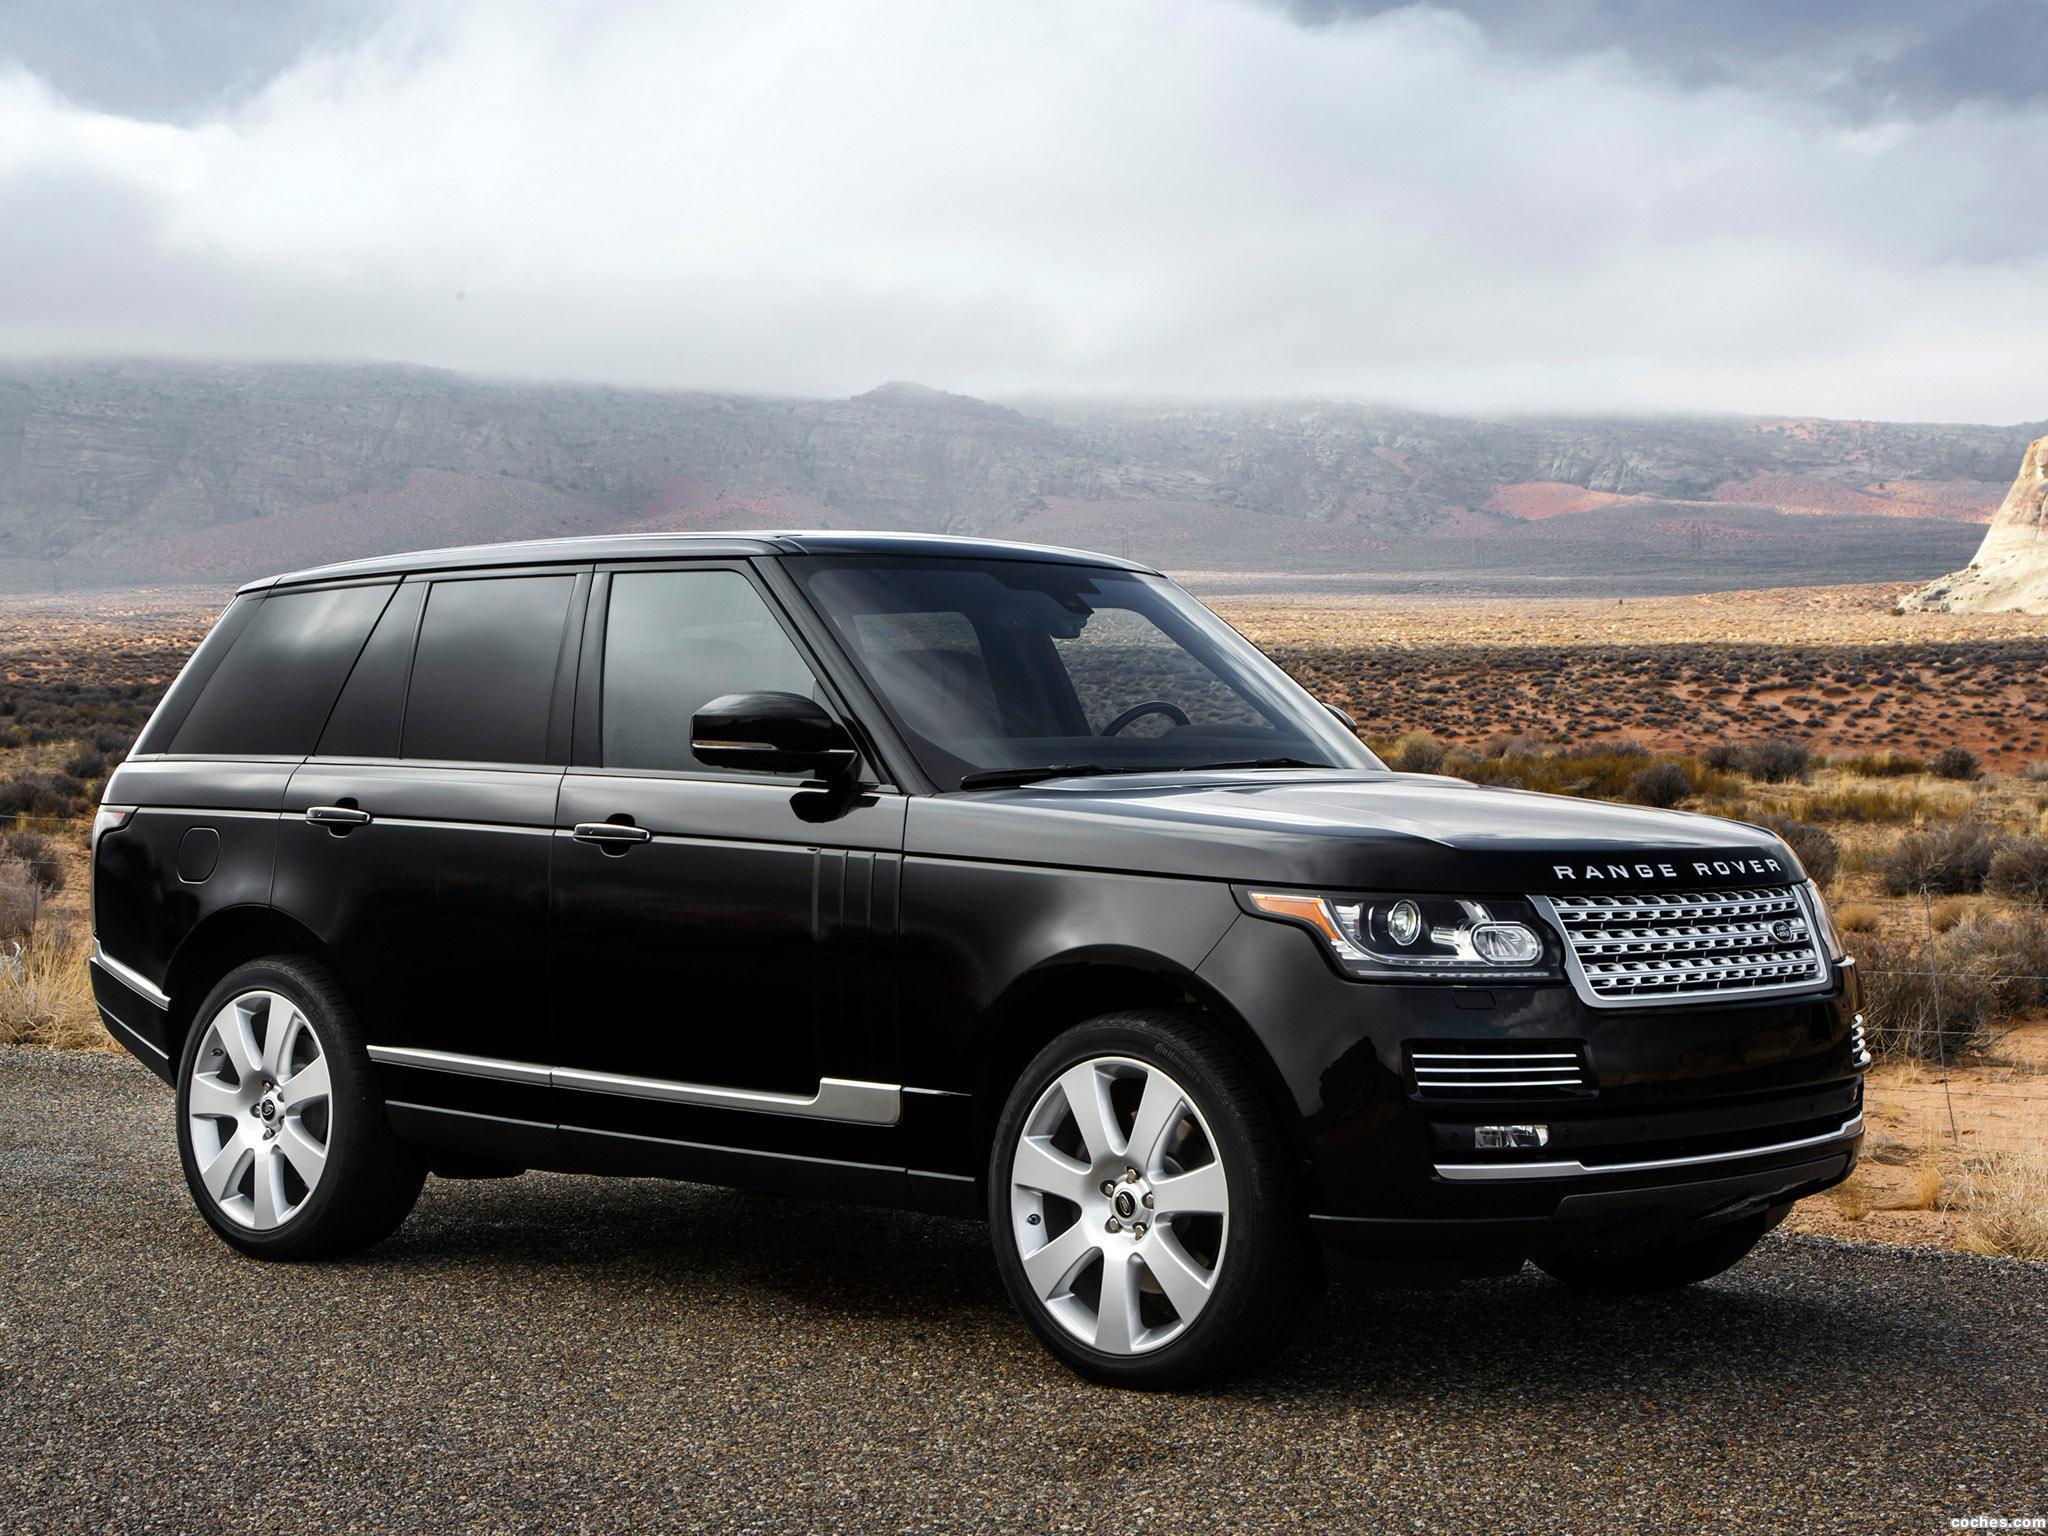 Land Rover Range Rover Evoque Autobiography >> Fotos de Land Rover Range Rover Autobiography V8 USA 2013